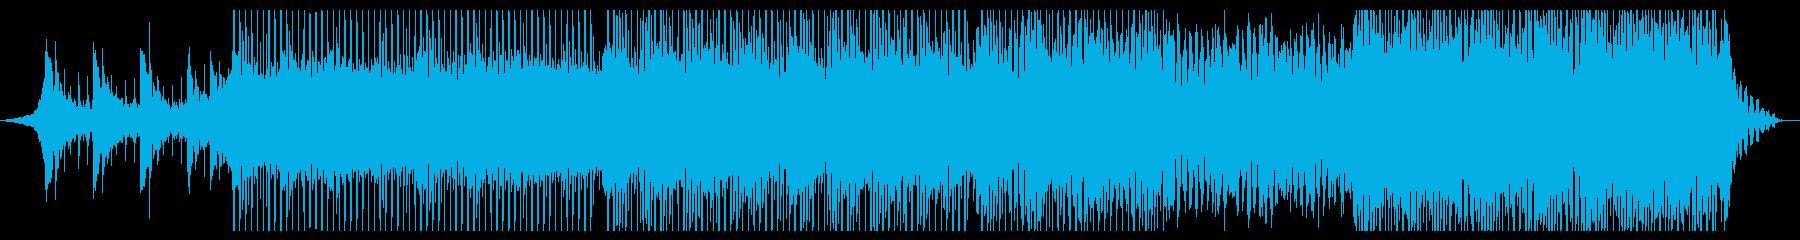 エレガントの再生済みの波形